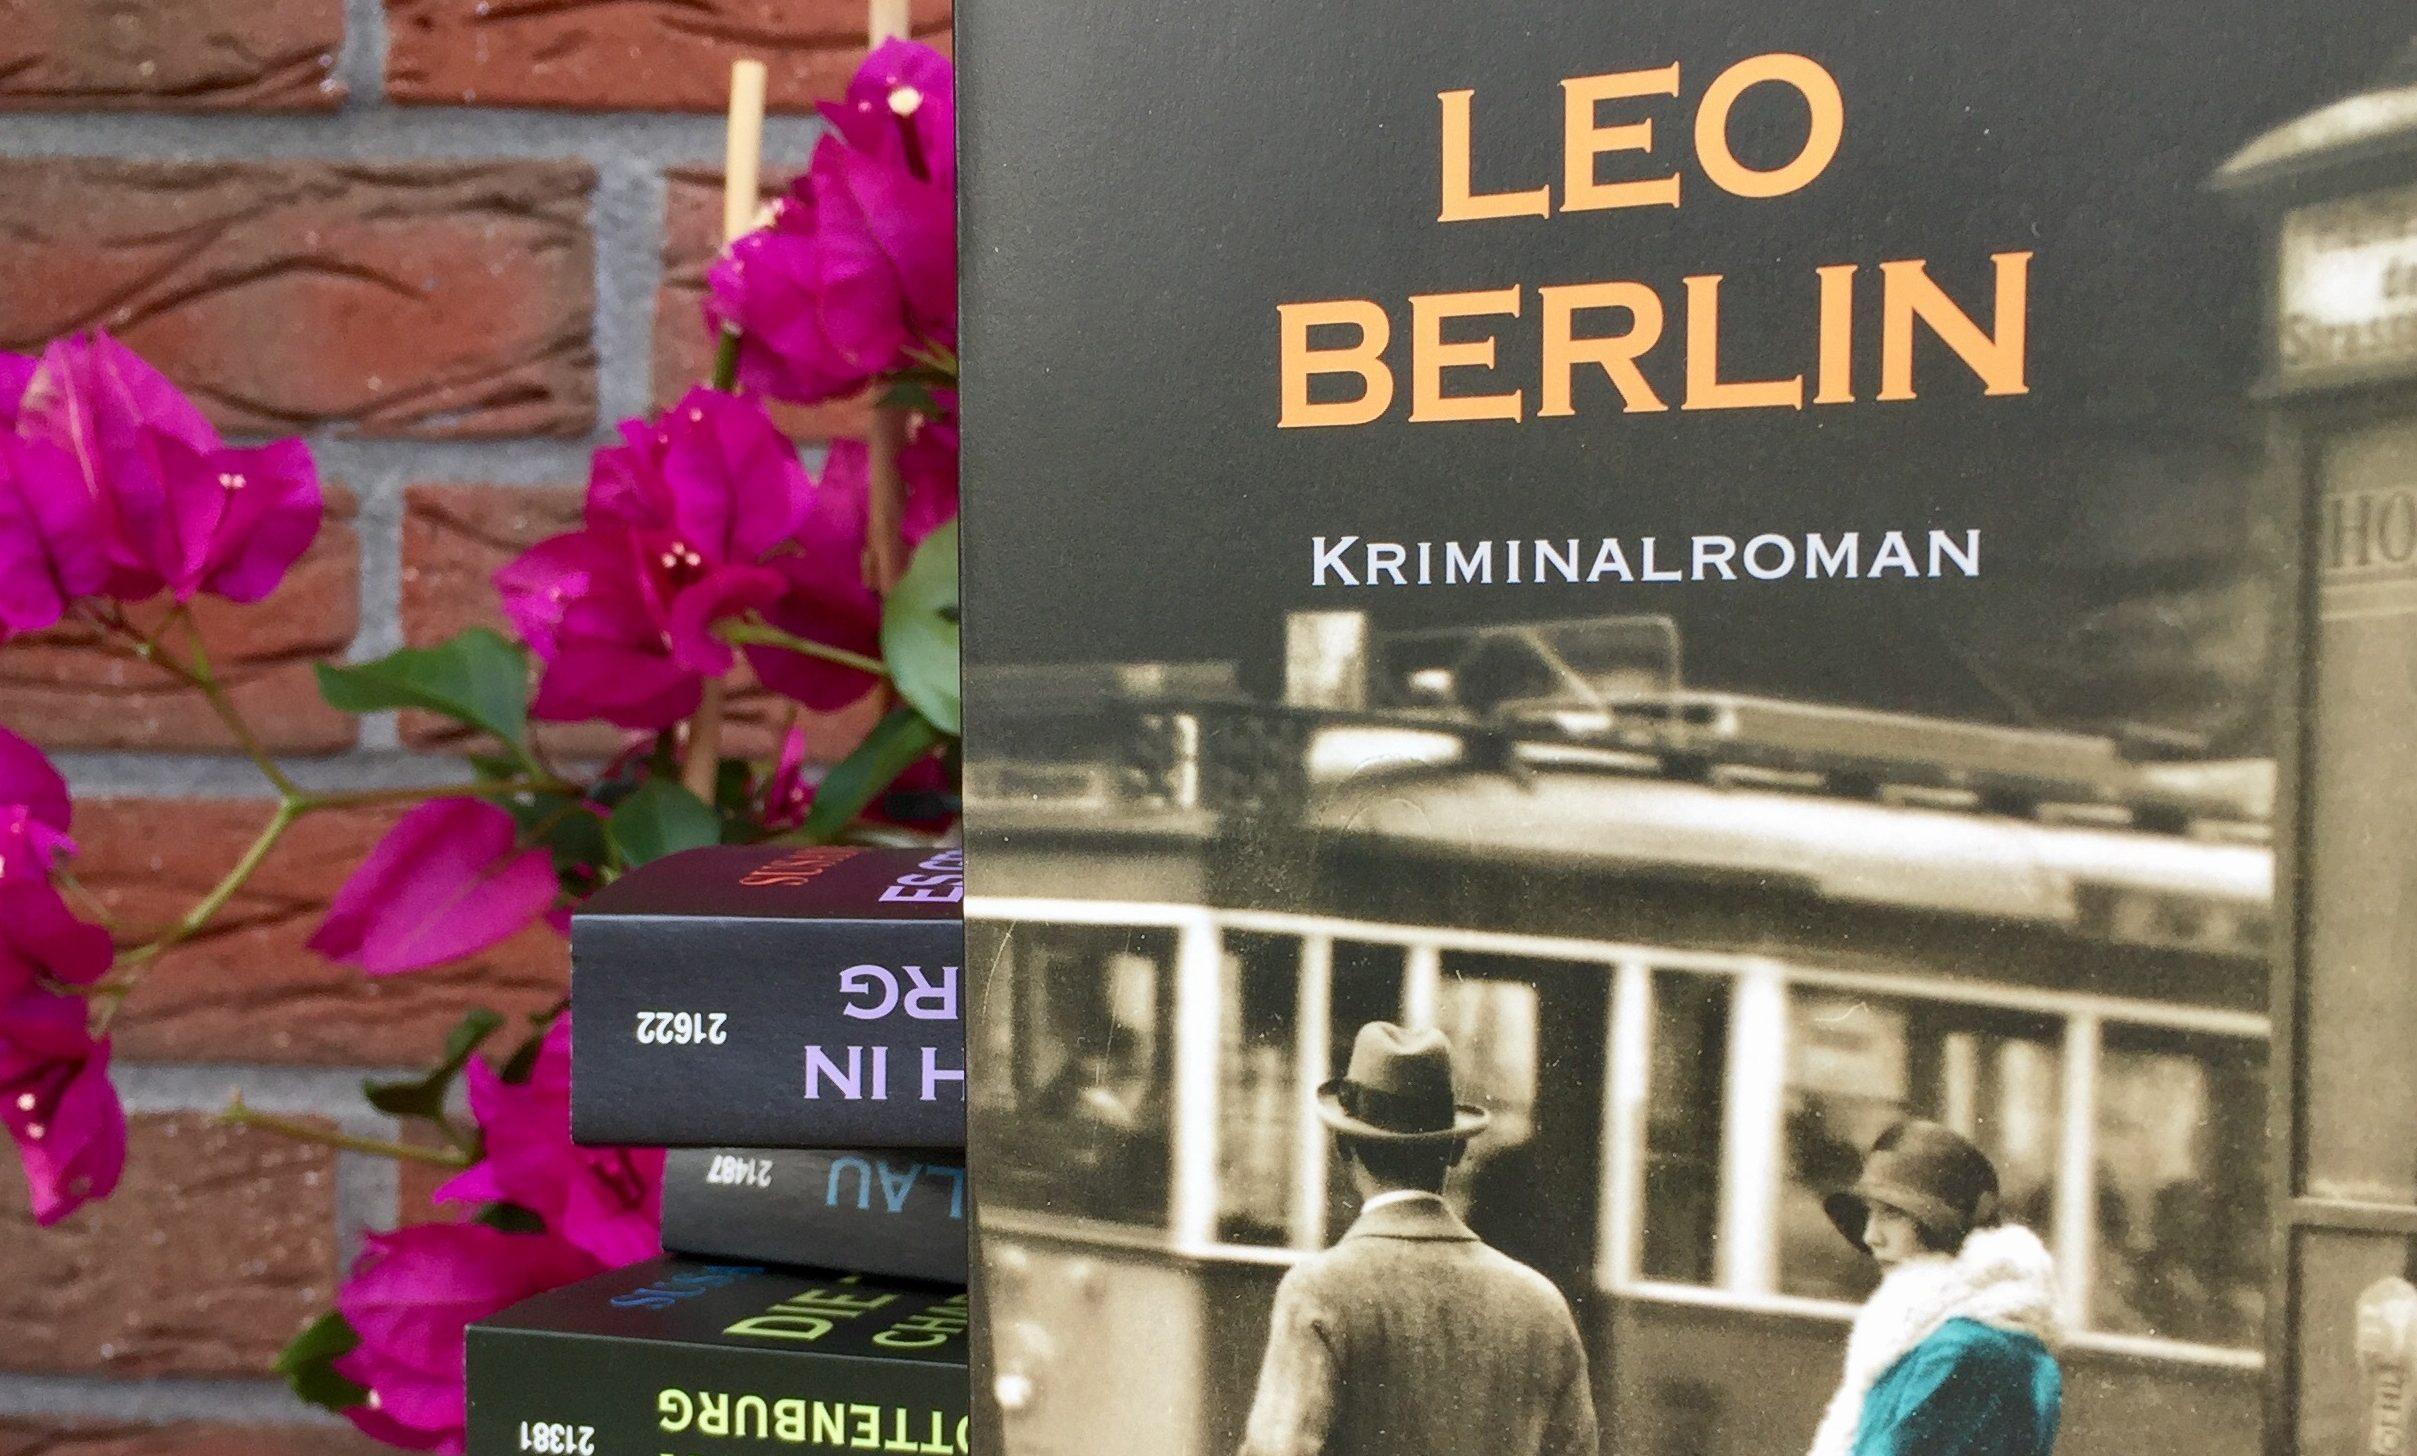 Leo Berlin | schokotexte.de